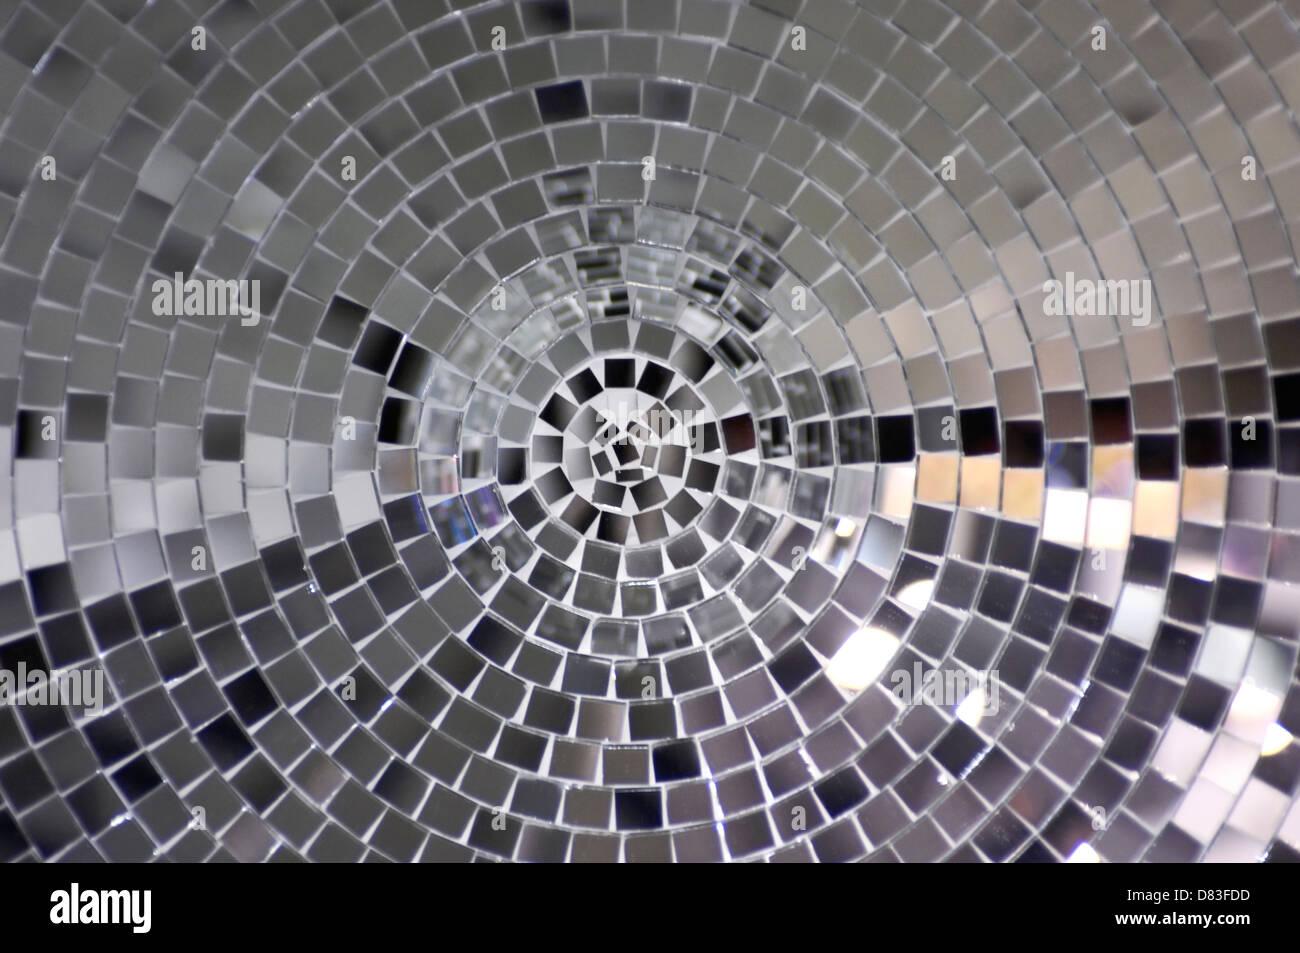 Discobal Met Licht : Disco ball texture stock photos & disco ball texture stock images